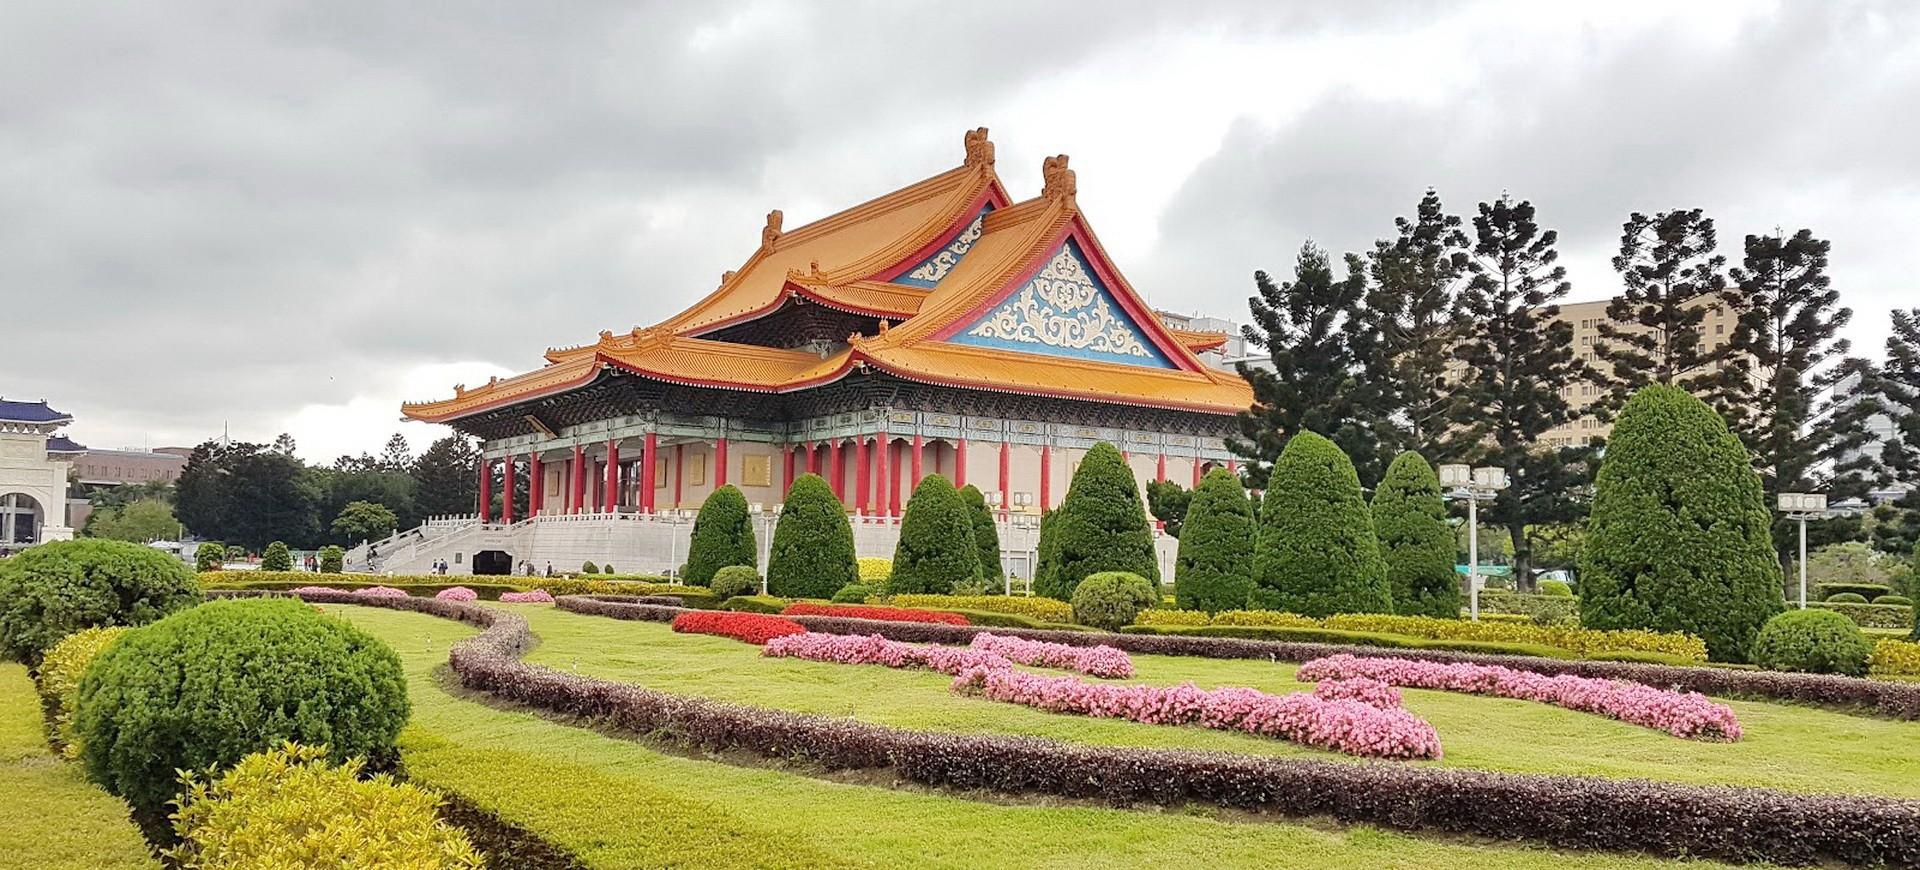 Taiwan Taipei Mémorial Chiang Kai shek